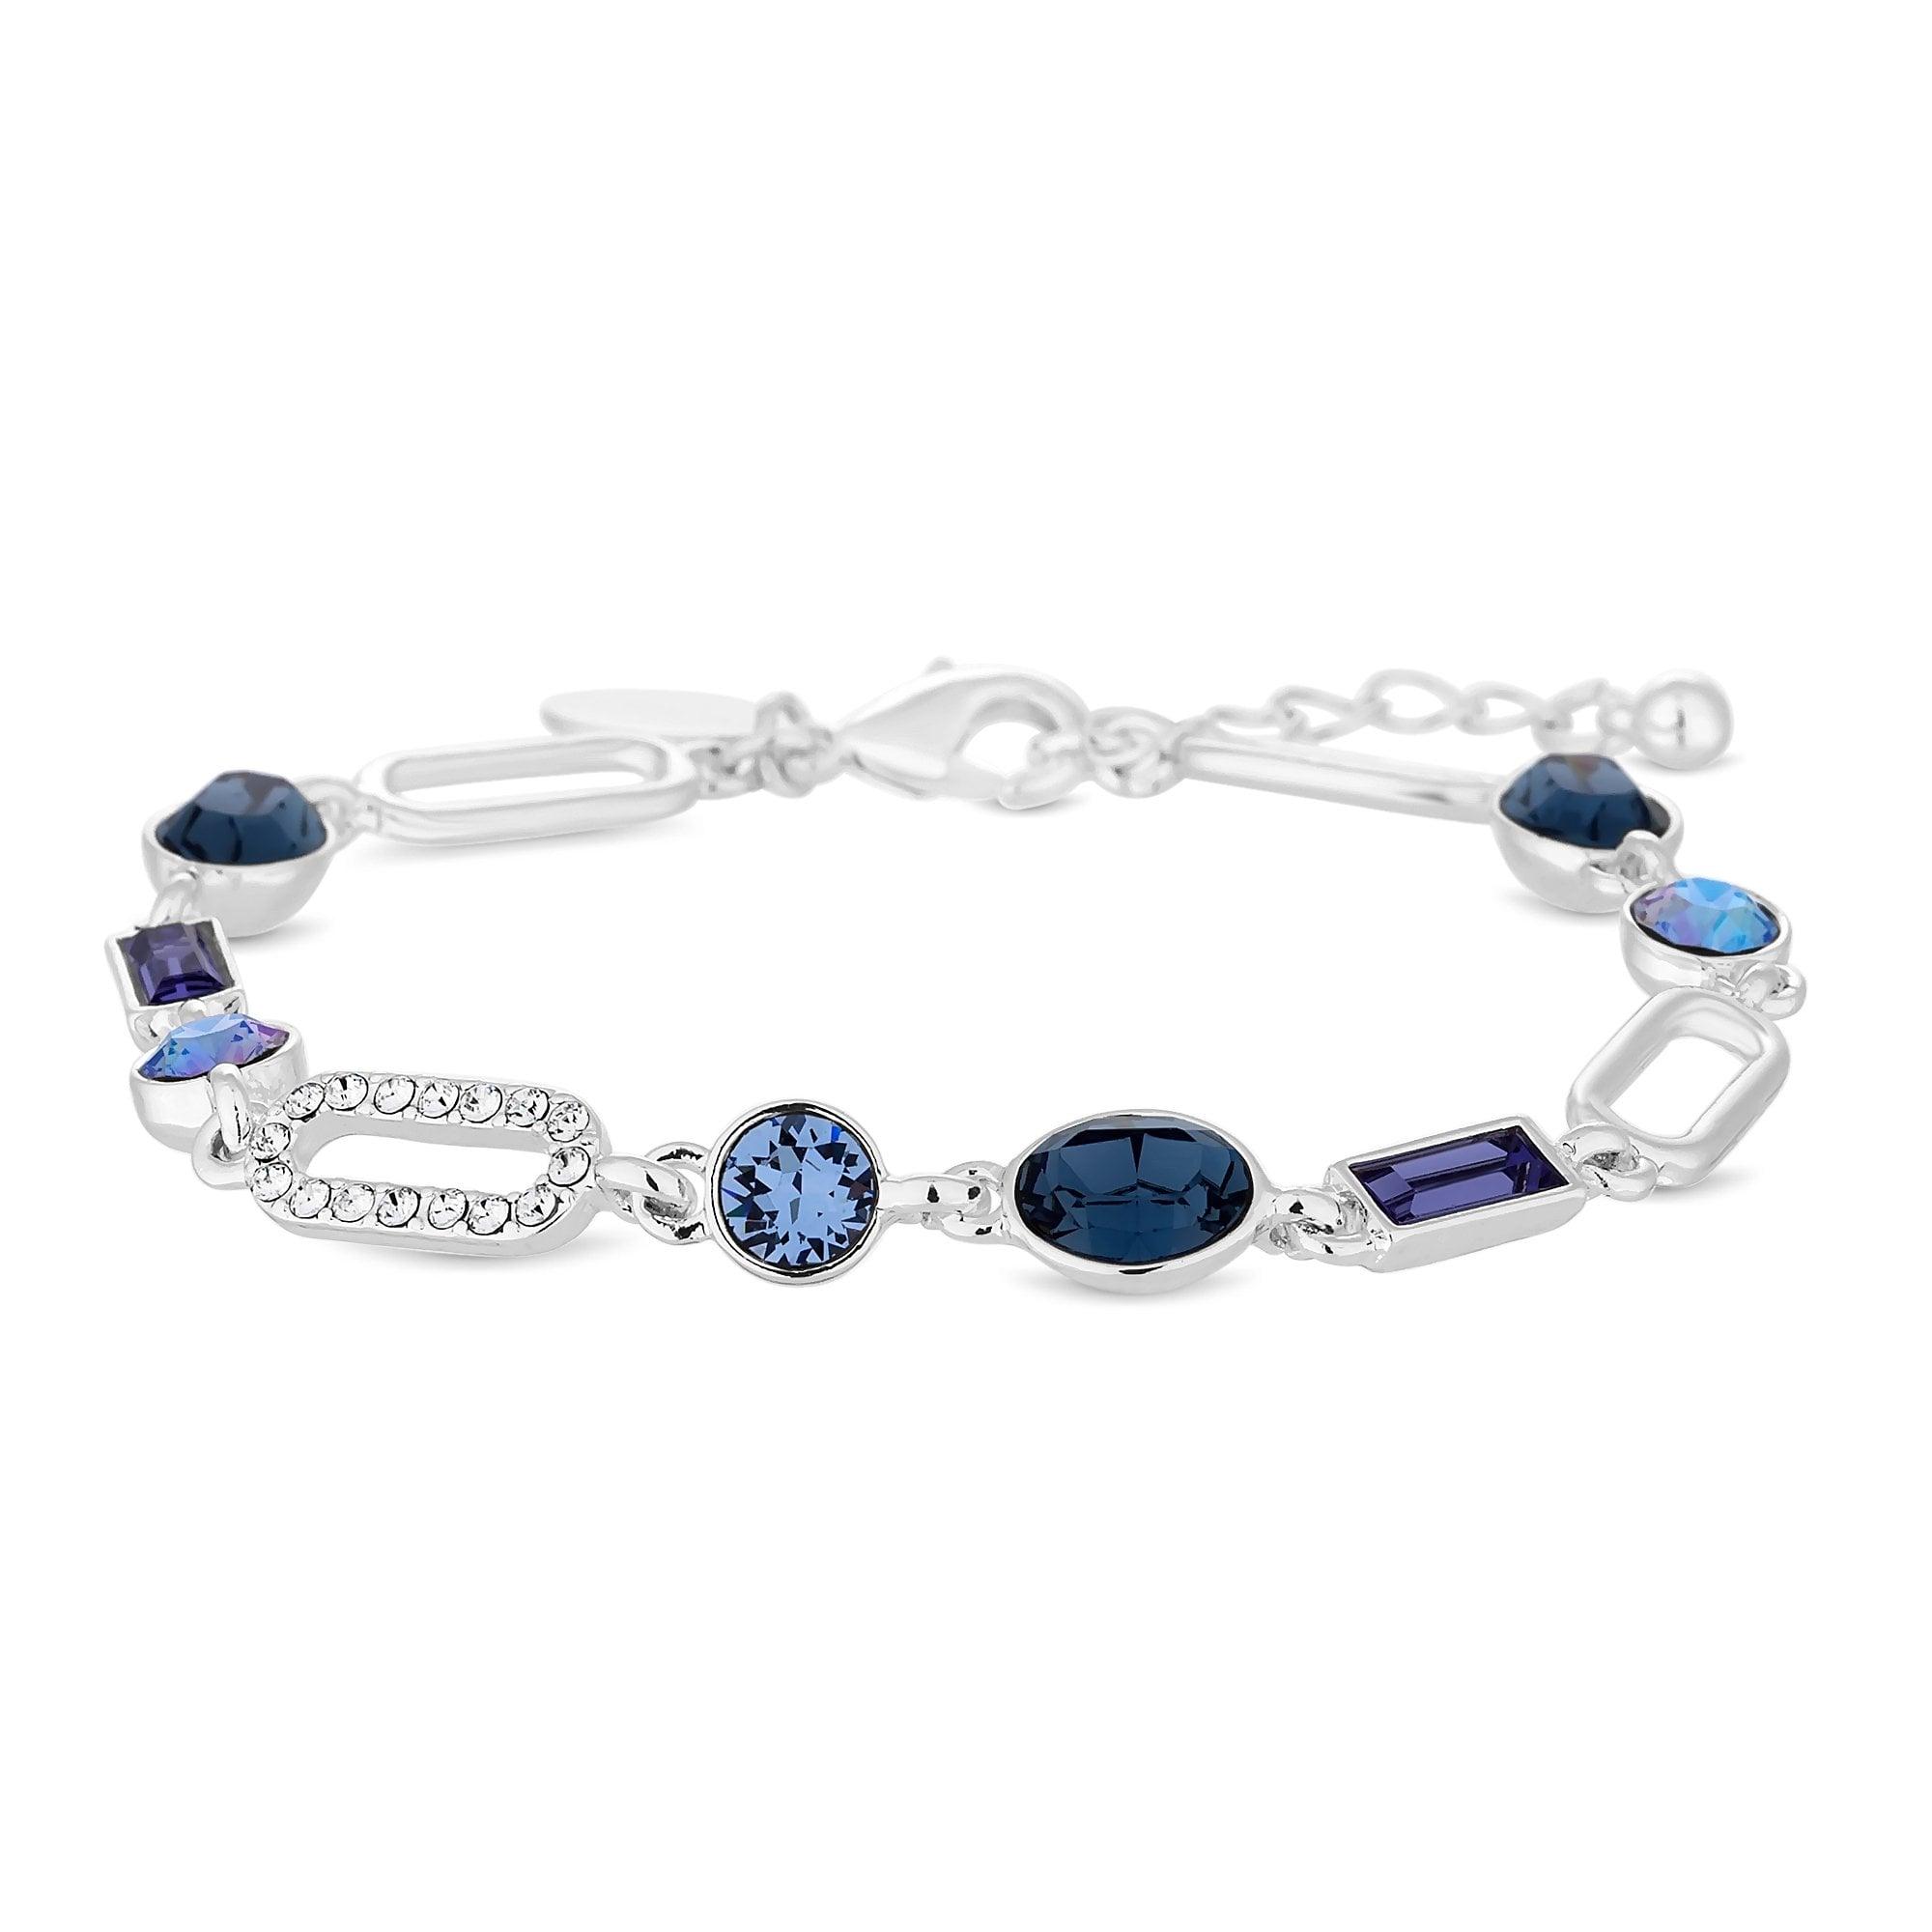 bd236c235f13 Jon Richard made with Swarovski® crystals Polished Pave Open Links Ovals  Allway Bracelet Embellished With